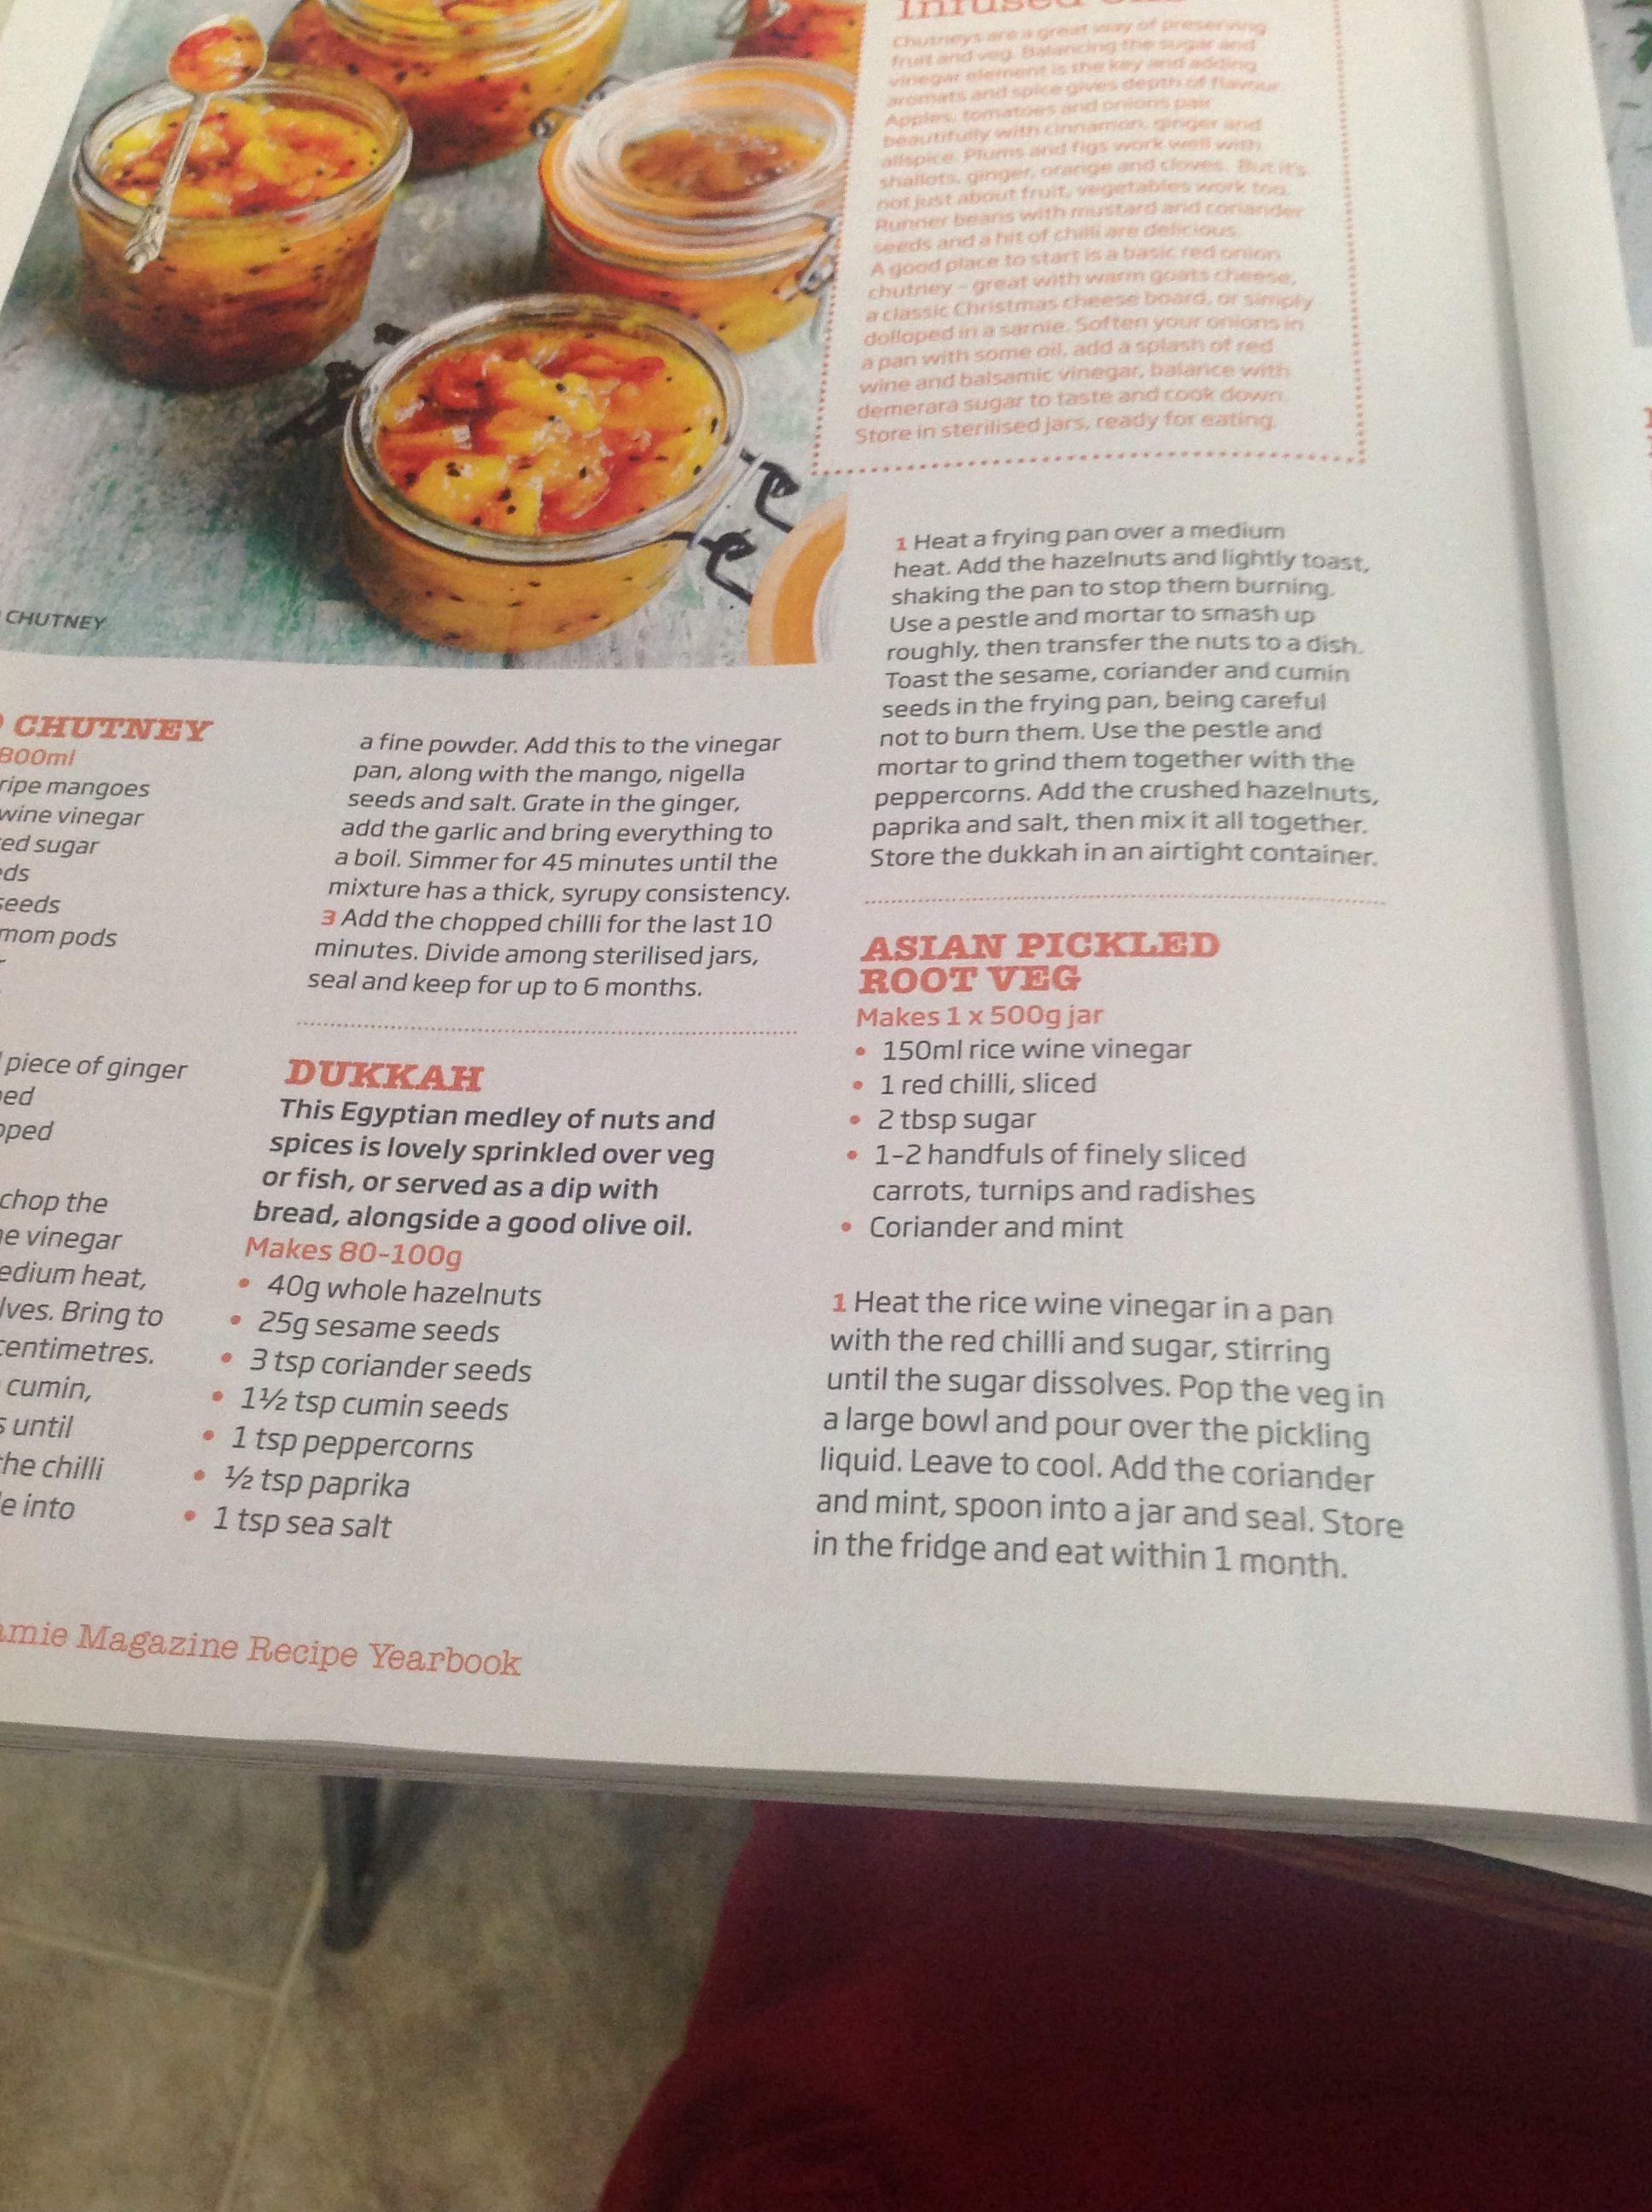 Jamie Oliver dukkah recipe